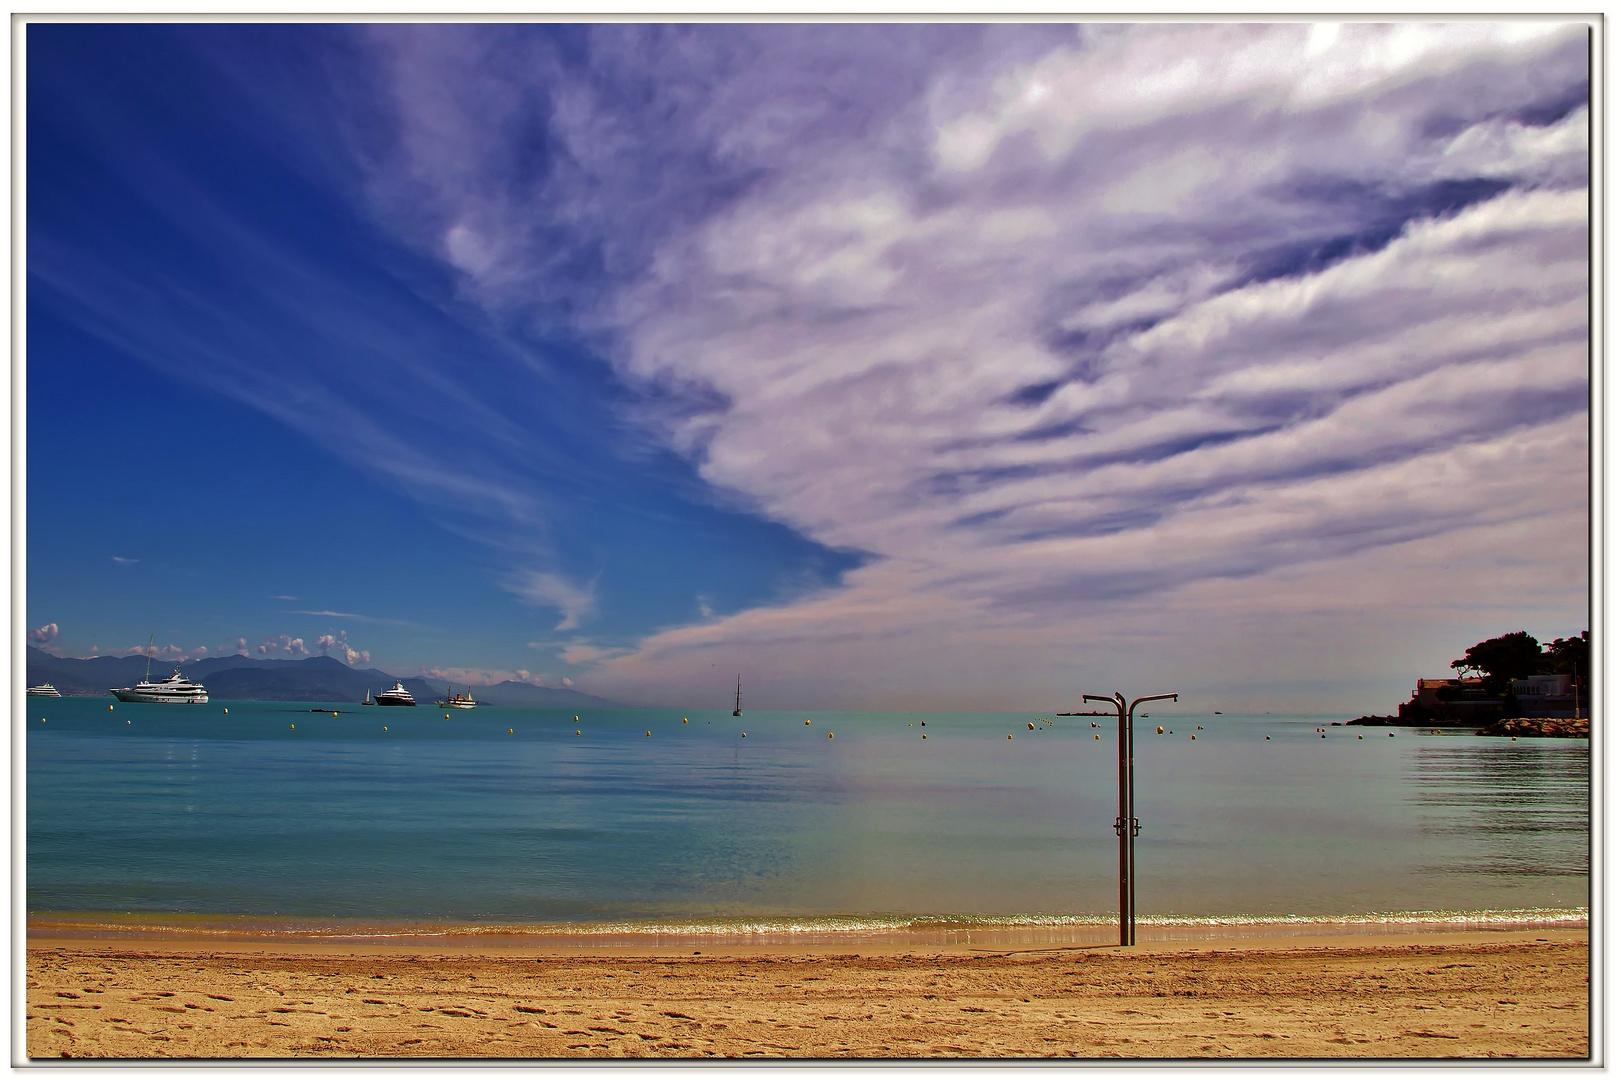 acqua dolce sulla spiaggia....